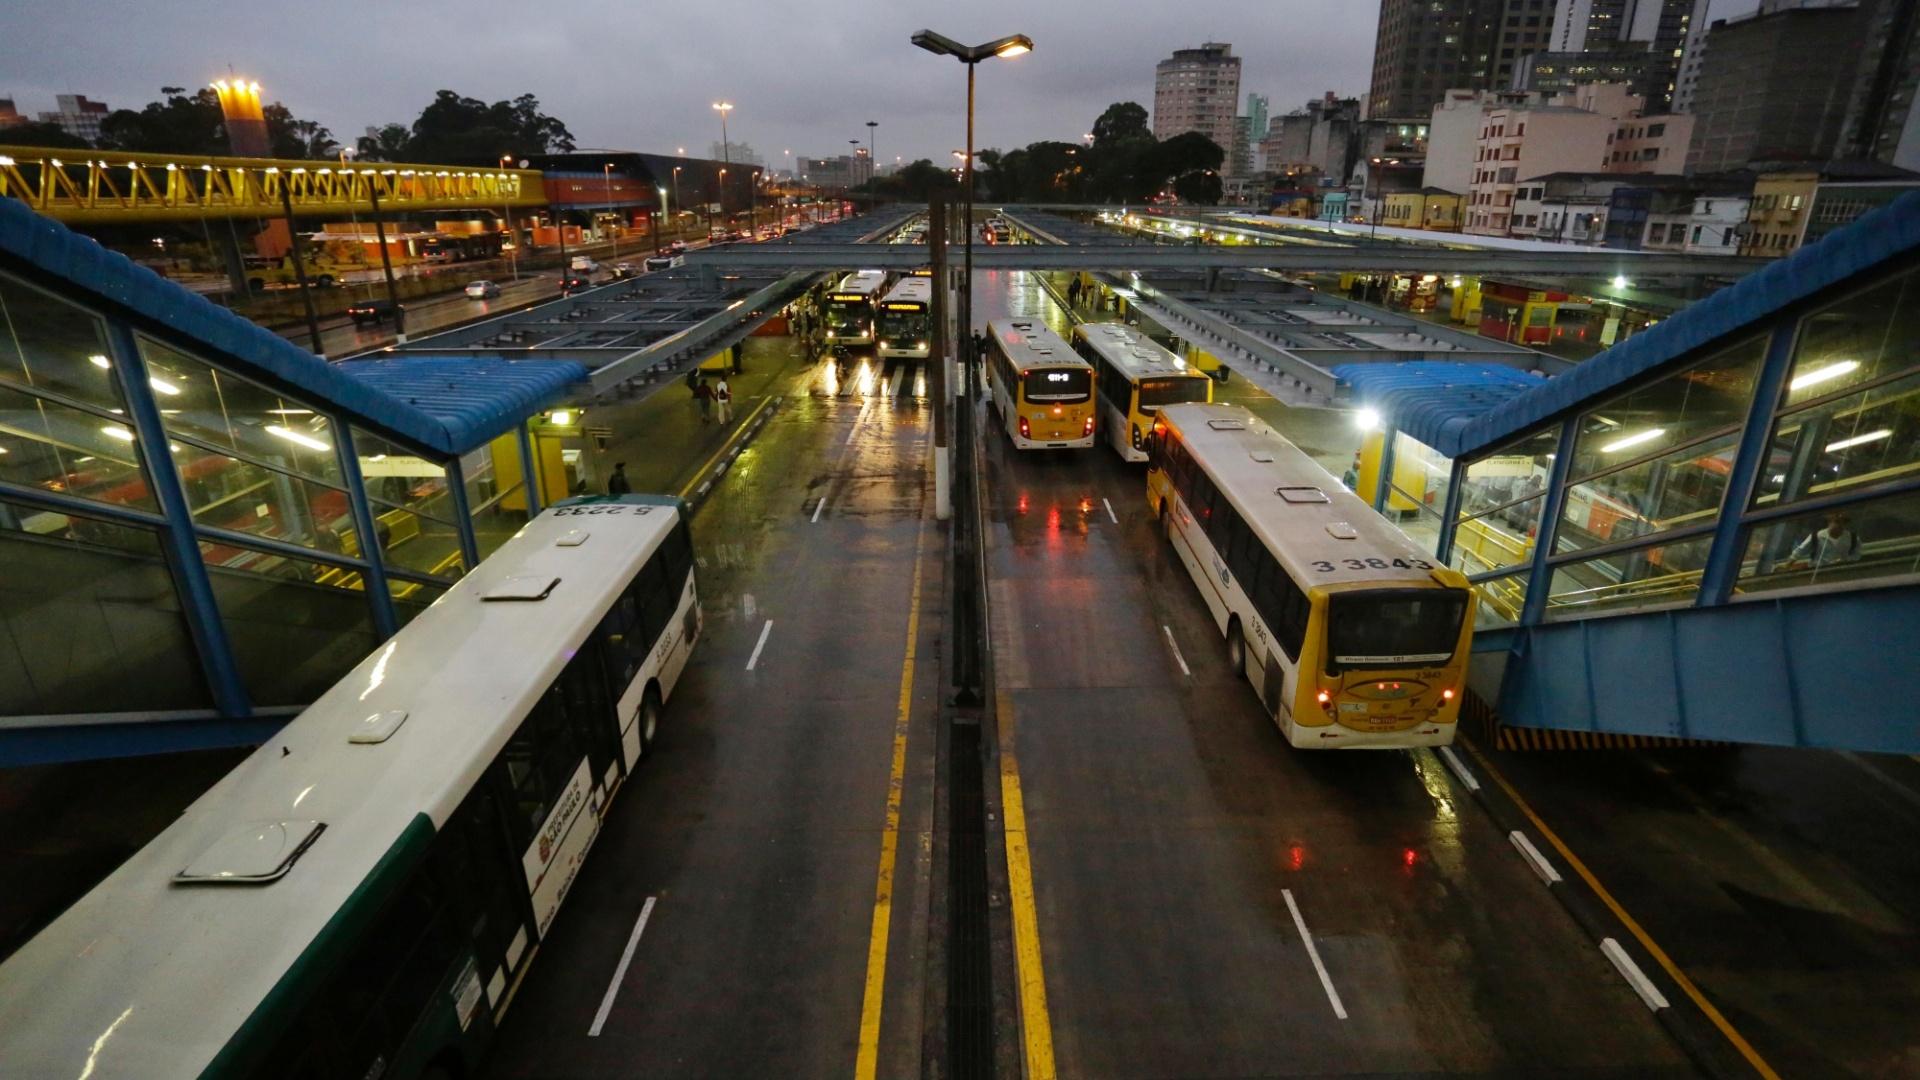 23mai2014---o-terminal-parque-dom-pedro-2-no-centro-de-sao-paulo-amanheceu-funcionando-normalmente-nesta-sexta-feira-23-os-motoristas-e-cobradores-de-onibus-que-haviam-paralisado-o-servico-na-1400849524406_1920x